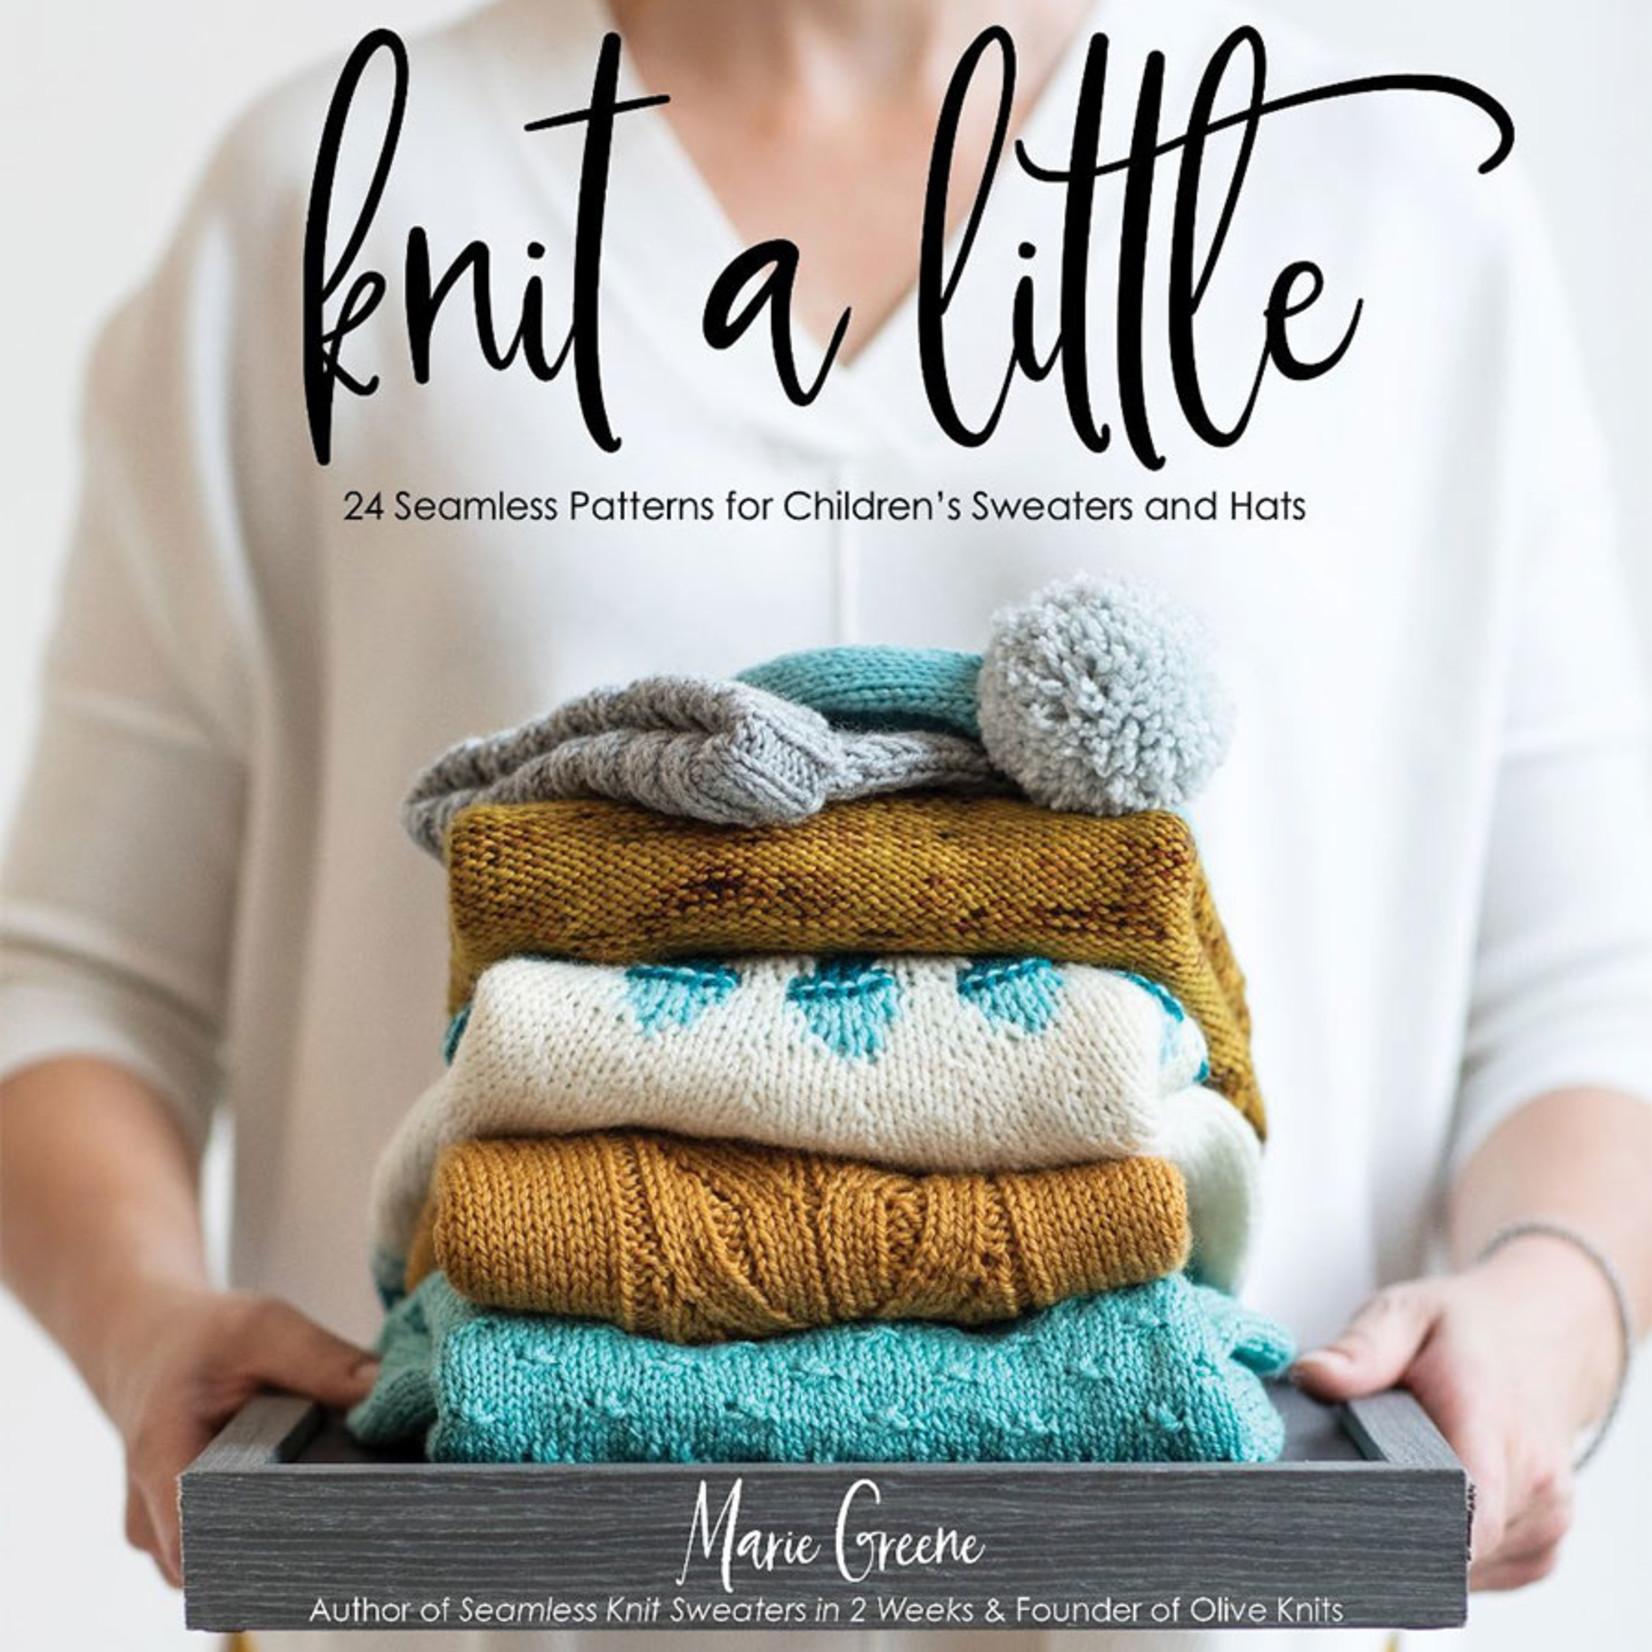 Marie Greene Knit a Little - Marie Greene